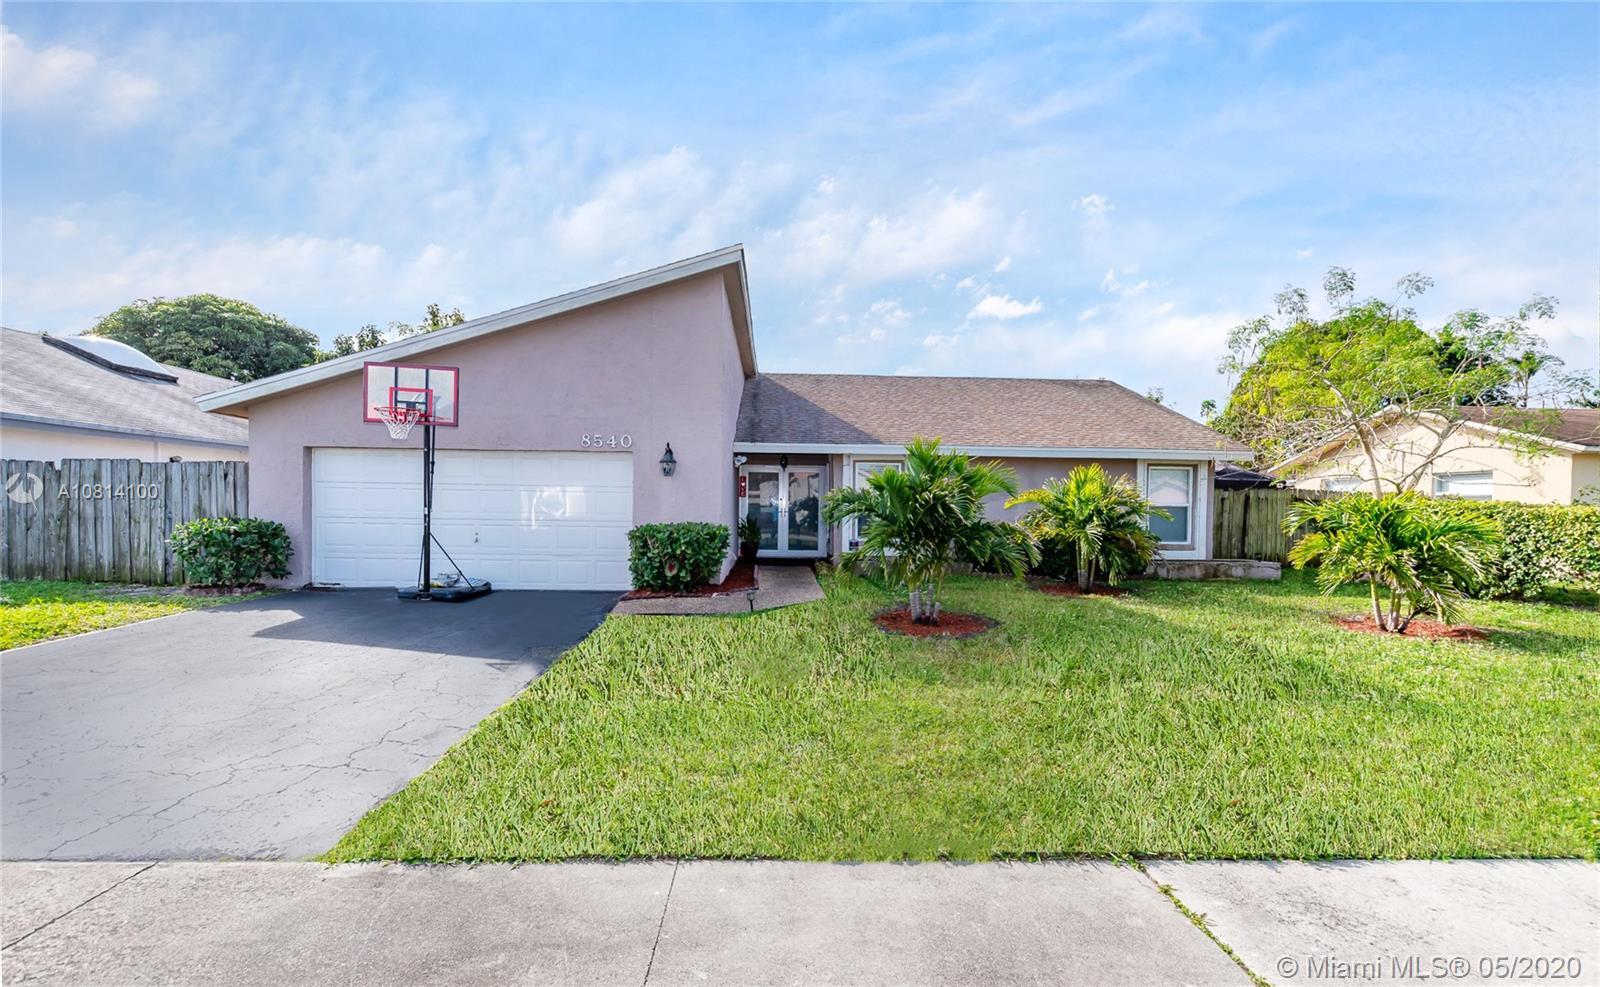 8540 NW 48th St, Lauderhill, FL 33351